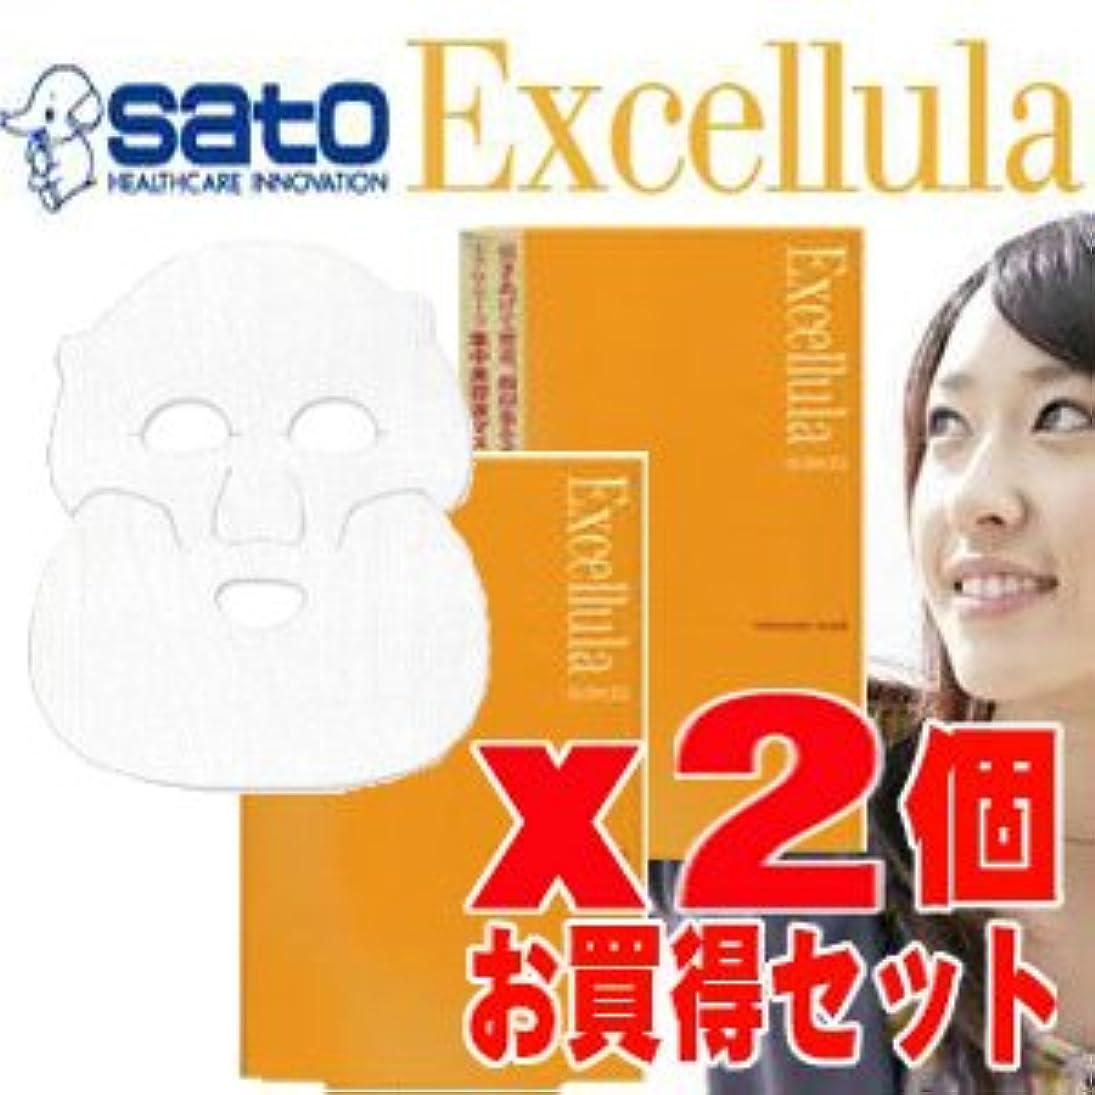 権威蒸接続★お買得2個★ エクセルーラ モイスチュアマスク (シート状美容液マスク) 26mL×4枚(4回分) x2個セット